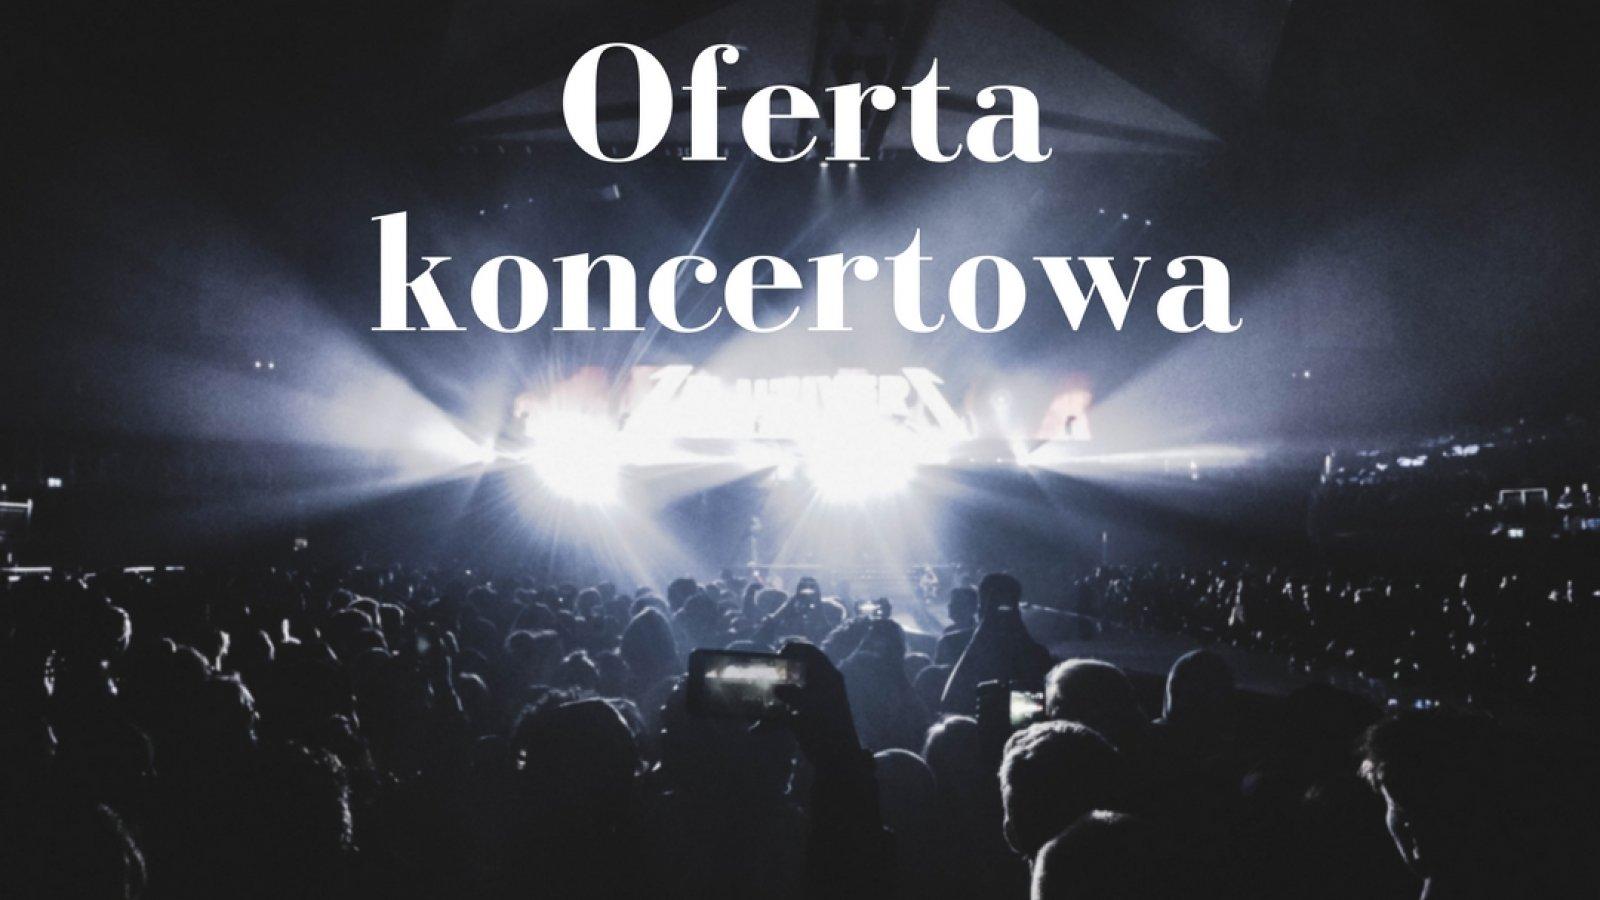 Oferta koncertowa z atrakcją specjalną! |  Scorpions Łódź